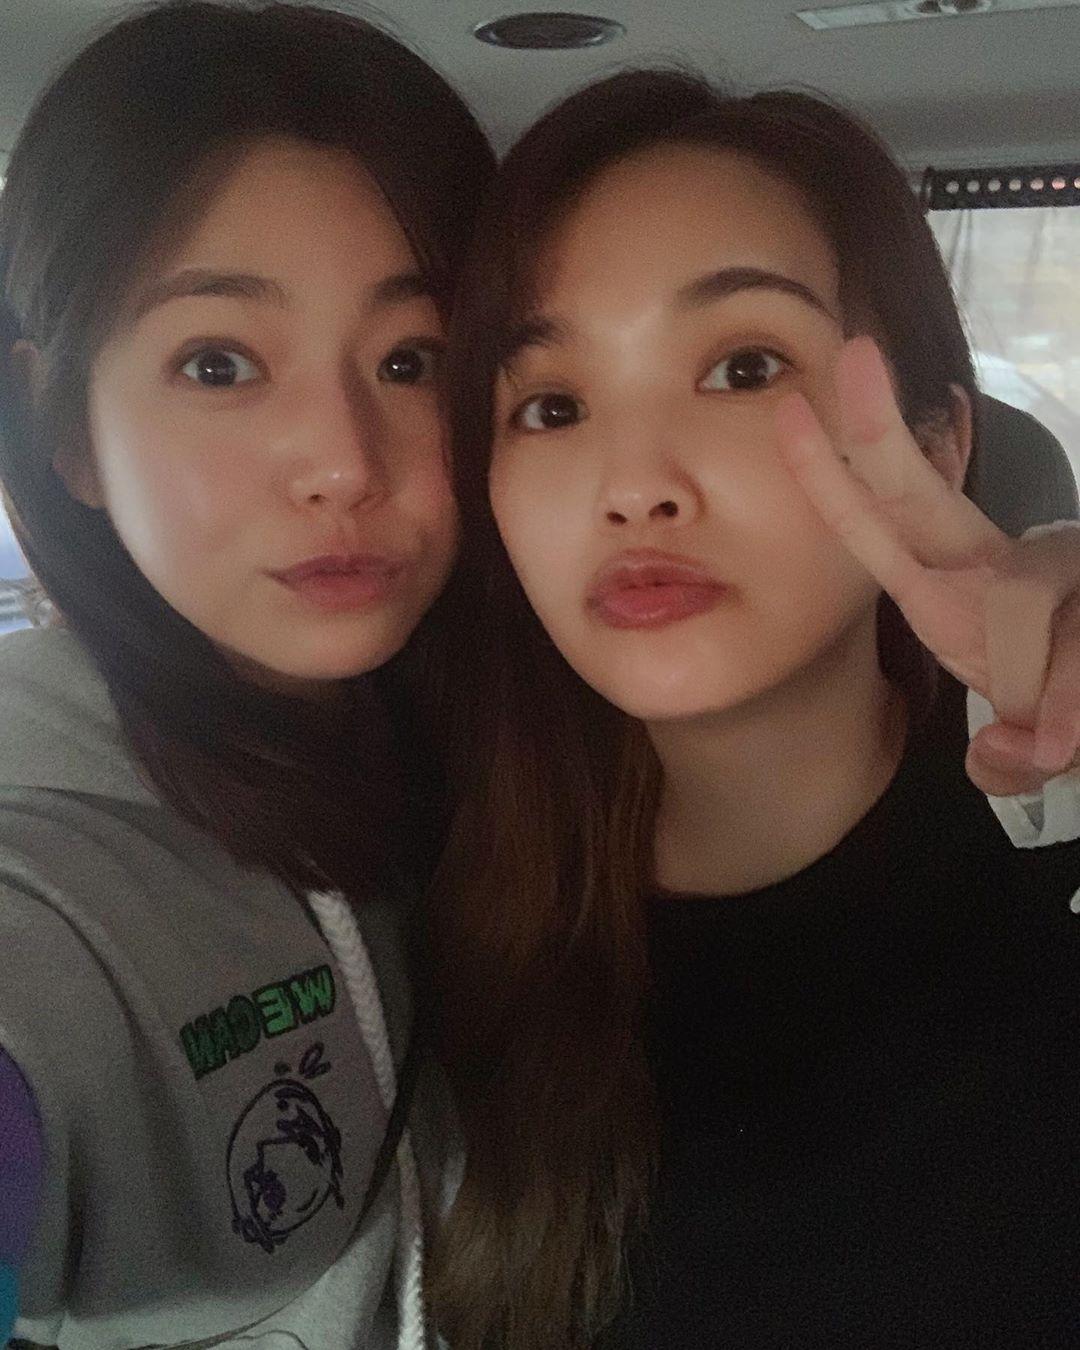 陳妍希、楊丞琳都是素顏,好膚質也讓網友超羨慕。